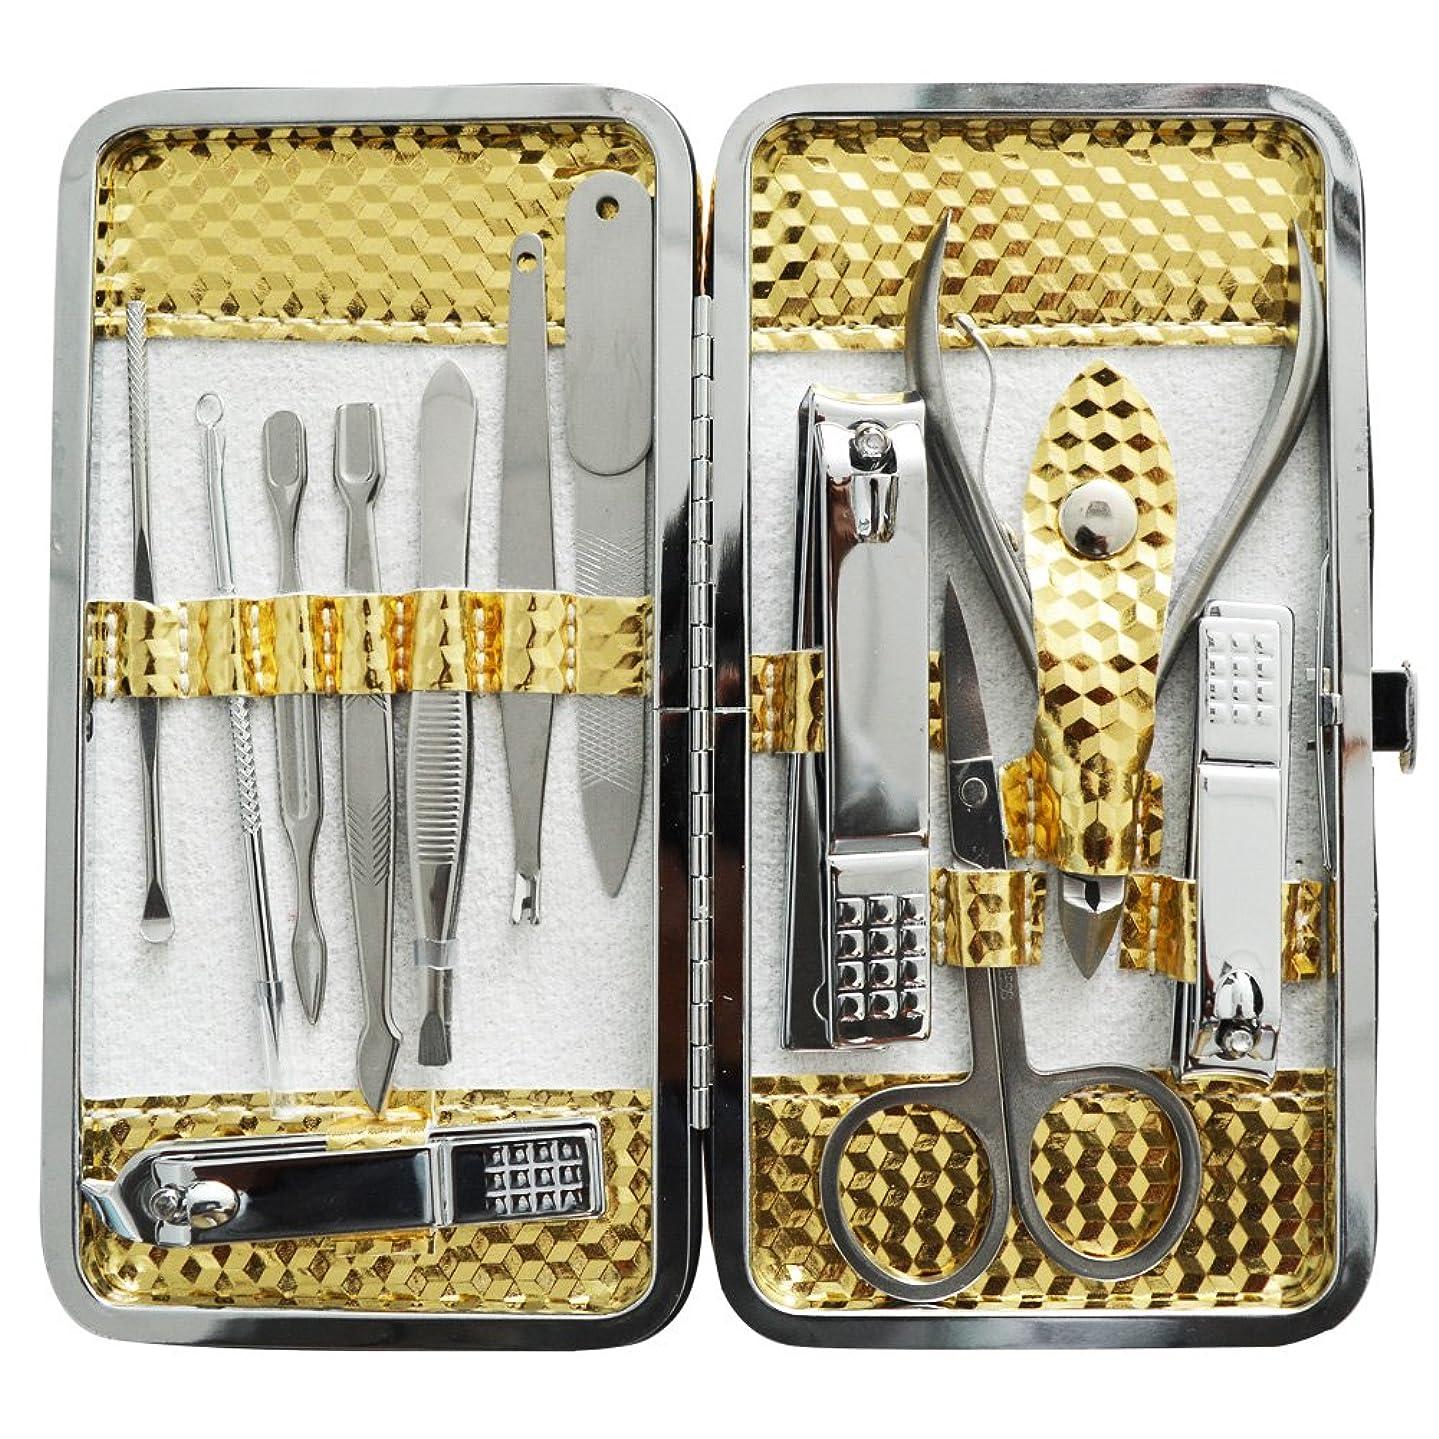 技術的な満足させるりんご爪切りセット 耳掃除機 12枚はさみ、キューティクルをトリマー、耳かき、ナイフ